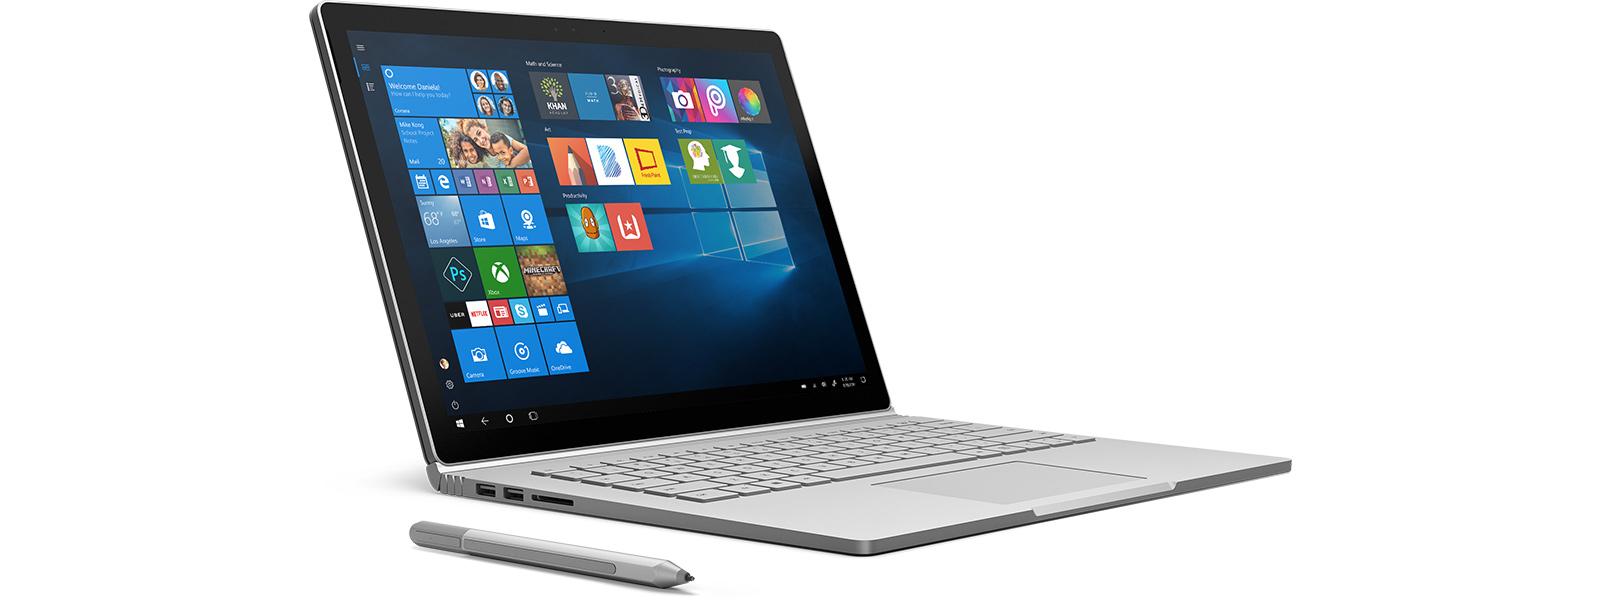 Appareil Windows10 avec des applications sur l'écran de démarrage.